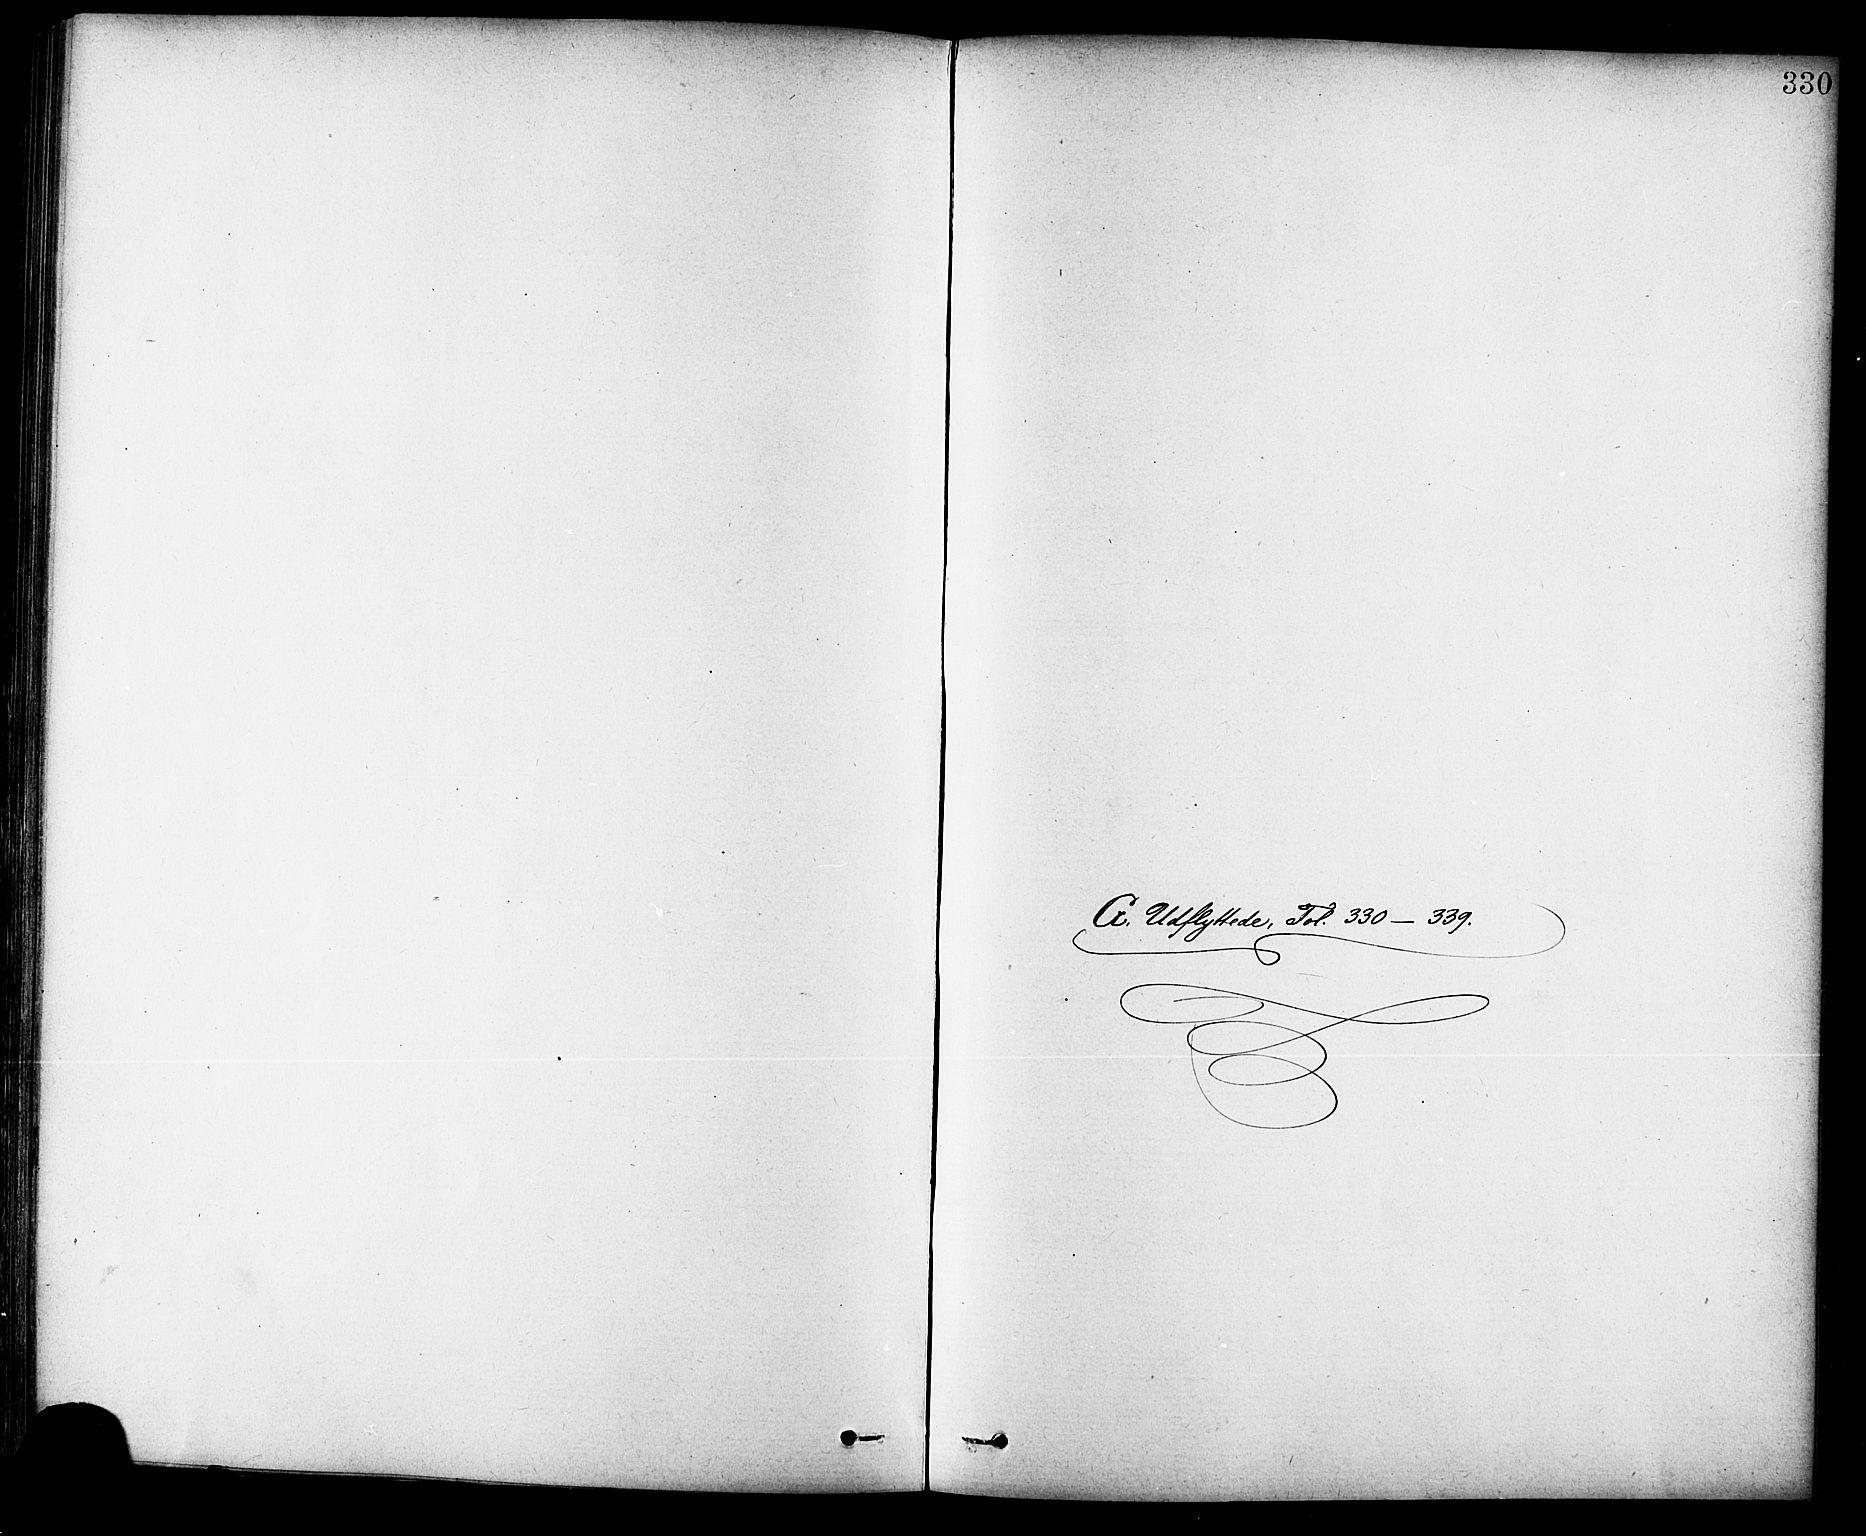 SAT, Ministerialprotokoller, klokkerbøker og fødselsregistre - Sør-Trøndelag, 691/L1094: Klokkerbok nr. 691C05, 1879-1911, s. 330